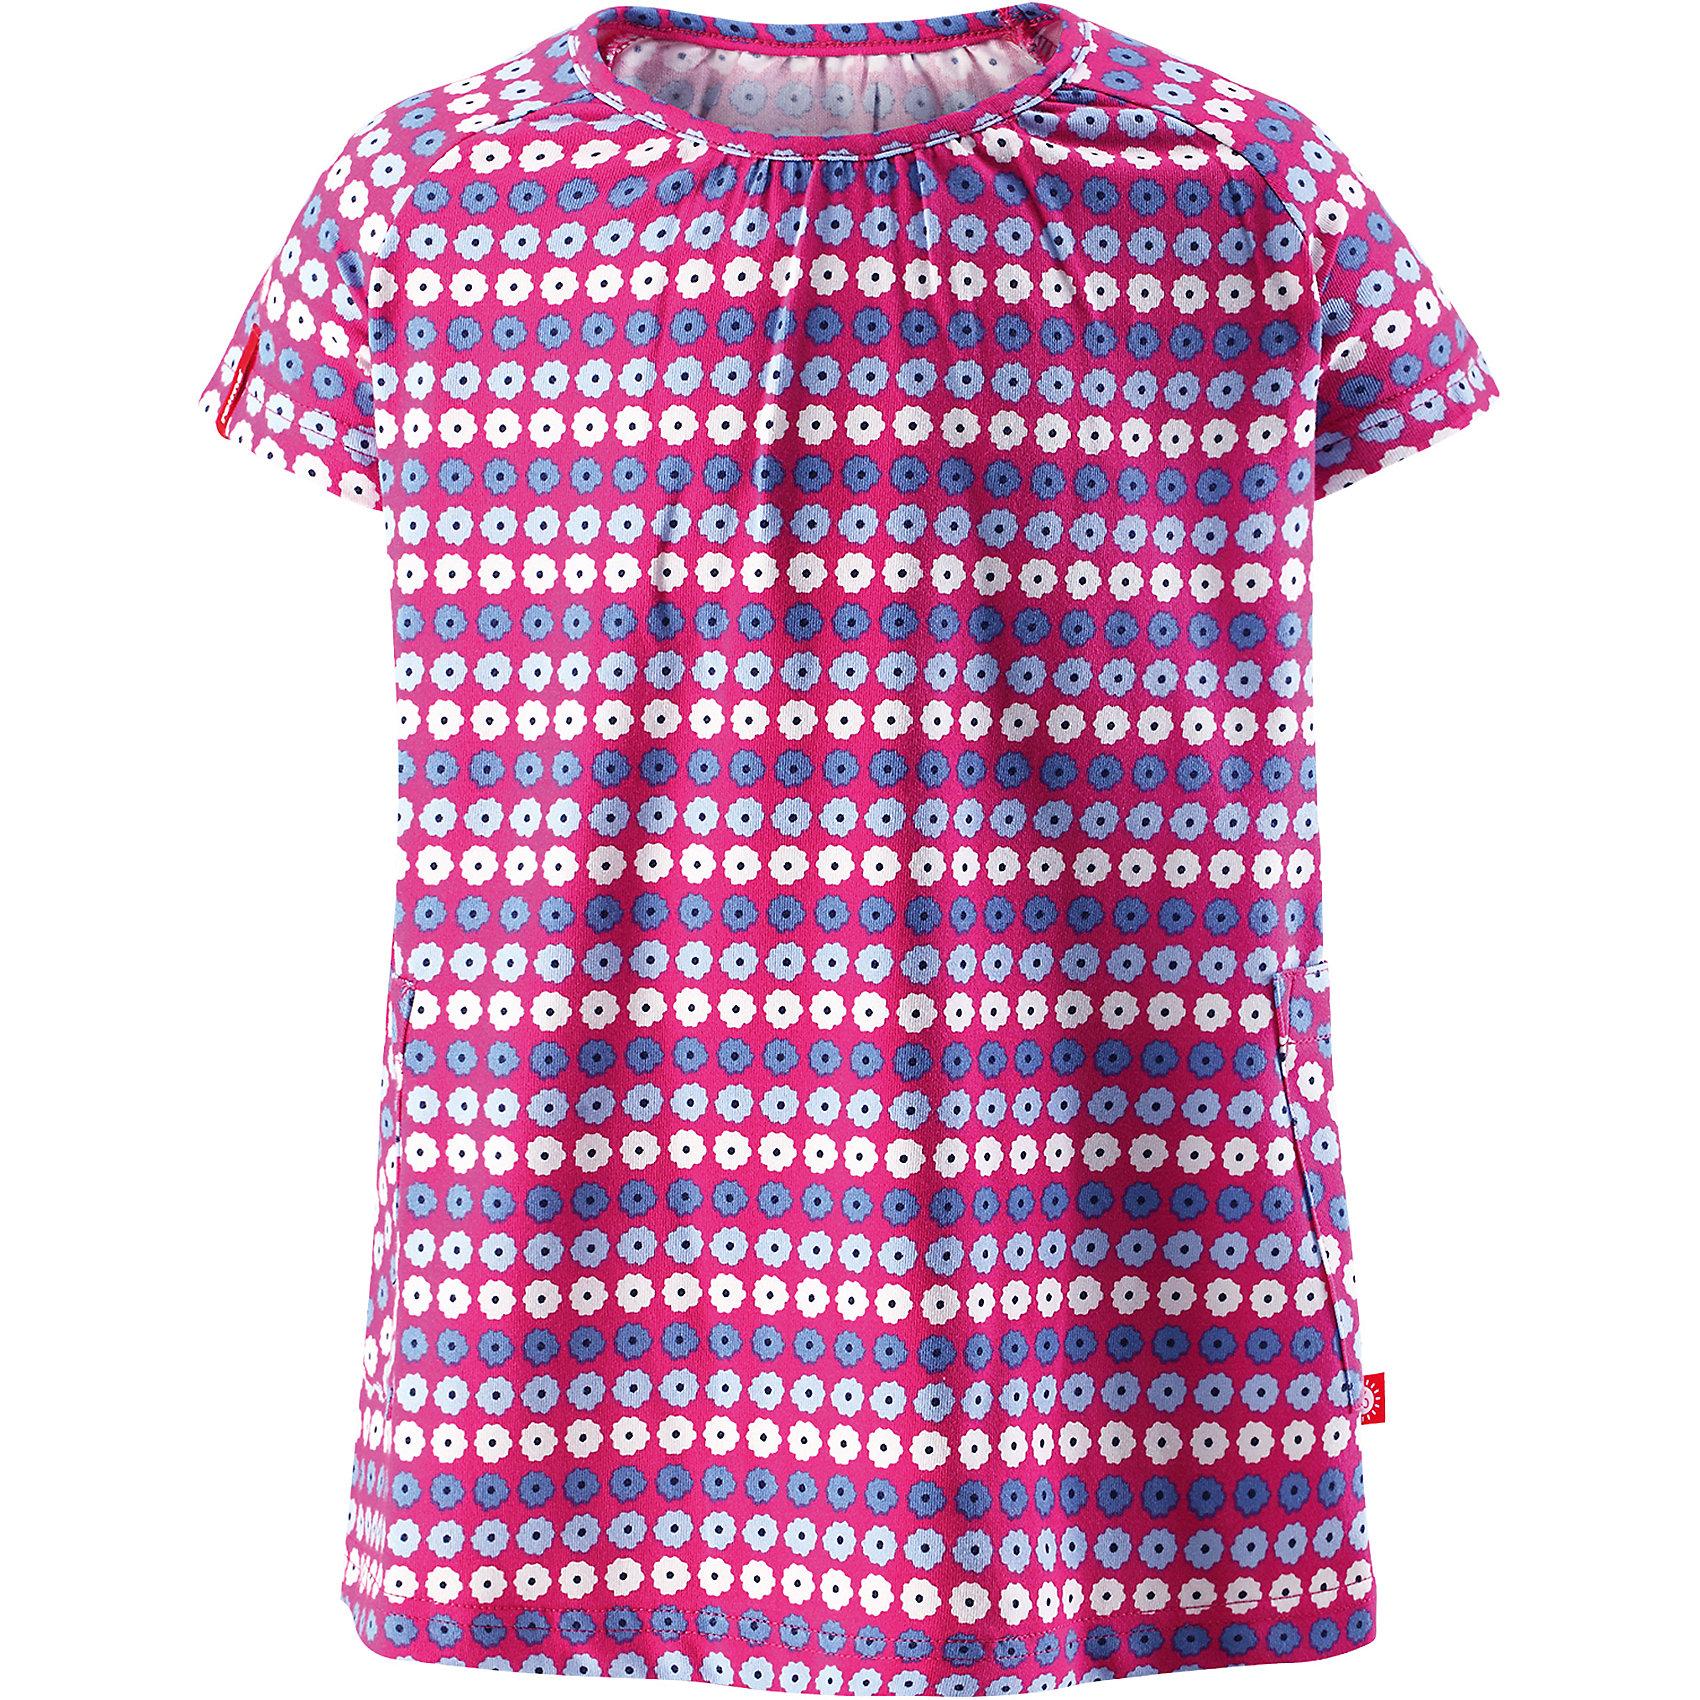 Платье Haili для девочки ReimaОдежда<br>Характеристики товара:<br><br>• цвет: сиреневый<br>• состав: 65% хлопок, 30% полиэстер, 5% эластан<br>• фактор защиты от ультрафиолета 40+<br>• быстросохнущий, приятный на ощупь материал Play Jersey<br>• приятная на ощупь хлопковая поверхность<br>• влагоотводящая изнаночная сторона<br>• трапециевидный силуэт<br>• два накладных кармана<br>• страна бренда: Финляндия<br>• страна производства: Китай<br><br>Одежда может быть модной и комфортной одновременно! Удобное симпатичное платье поможет обеспечить ребенку комфорт - оно не стесняет движения и удобно сидит. Стильный дизайн разрабатывался специально для детей.<br><br>Уход:<br><br>• стирать и гладить, вывернув наизнанку<br>• стирать с бельем одинакового цвета<br>• стирать моющим средством, не содержащим отбеливающие вещества<br>• полоскать без специального средства<br>• придать первоначальную форму вo влажном виде.<br><br>Платье для девочки от финского бренда Reima (Рейма) можно купить в нашем интернет-магазине.<br><br>Ширина мм: 236<br>Глубина мм: 16<br>Высота мм: 184<br>Вес г: 177<br>Цвет: розовый<br>Возраст от месяцев: 36<br>Возраст до месяцев: 48<br>Пол: Женский<br>Возраст: Детский<br>Размер: 104,128,116,110,98,122,80,86,92<br>SKU: 5268182